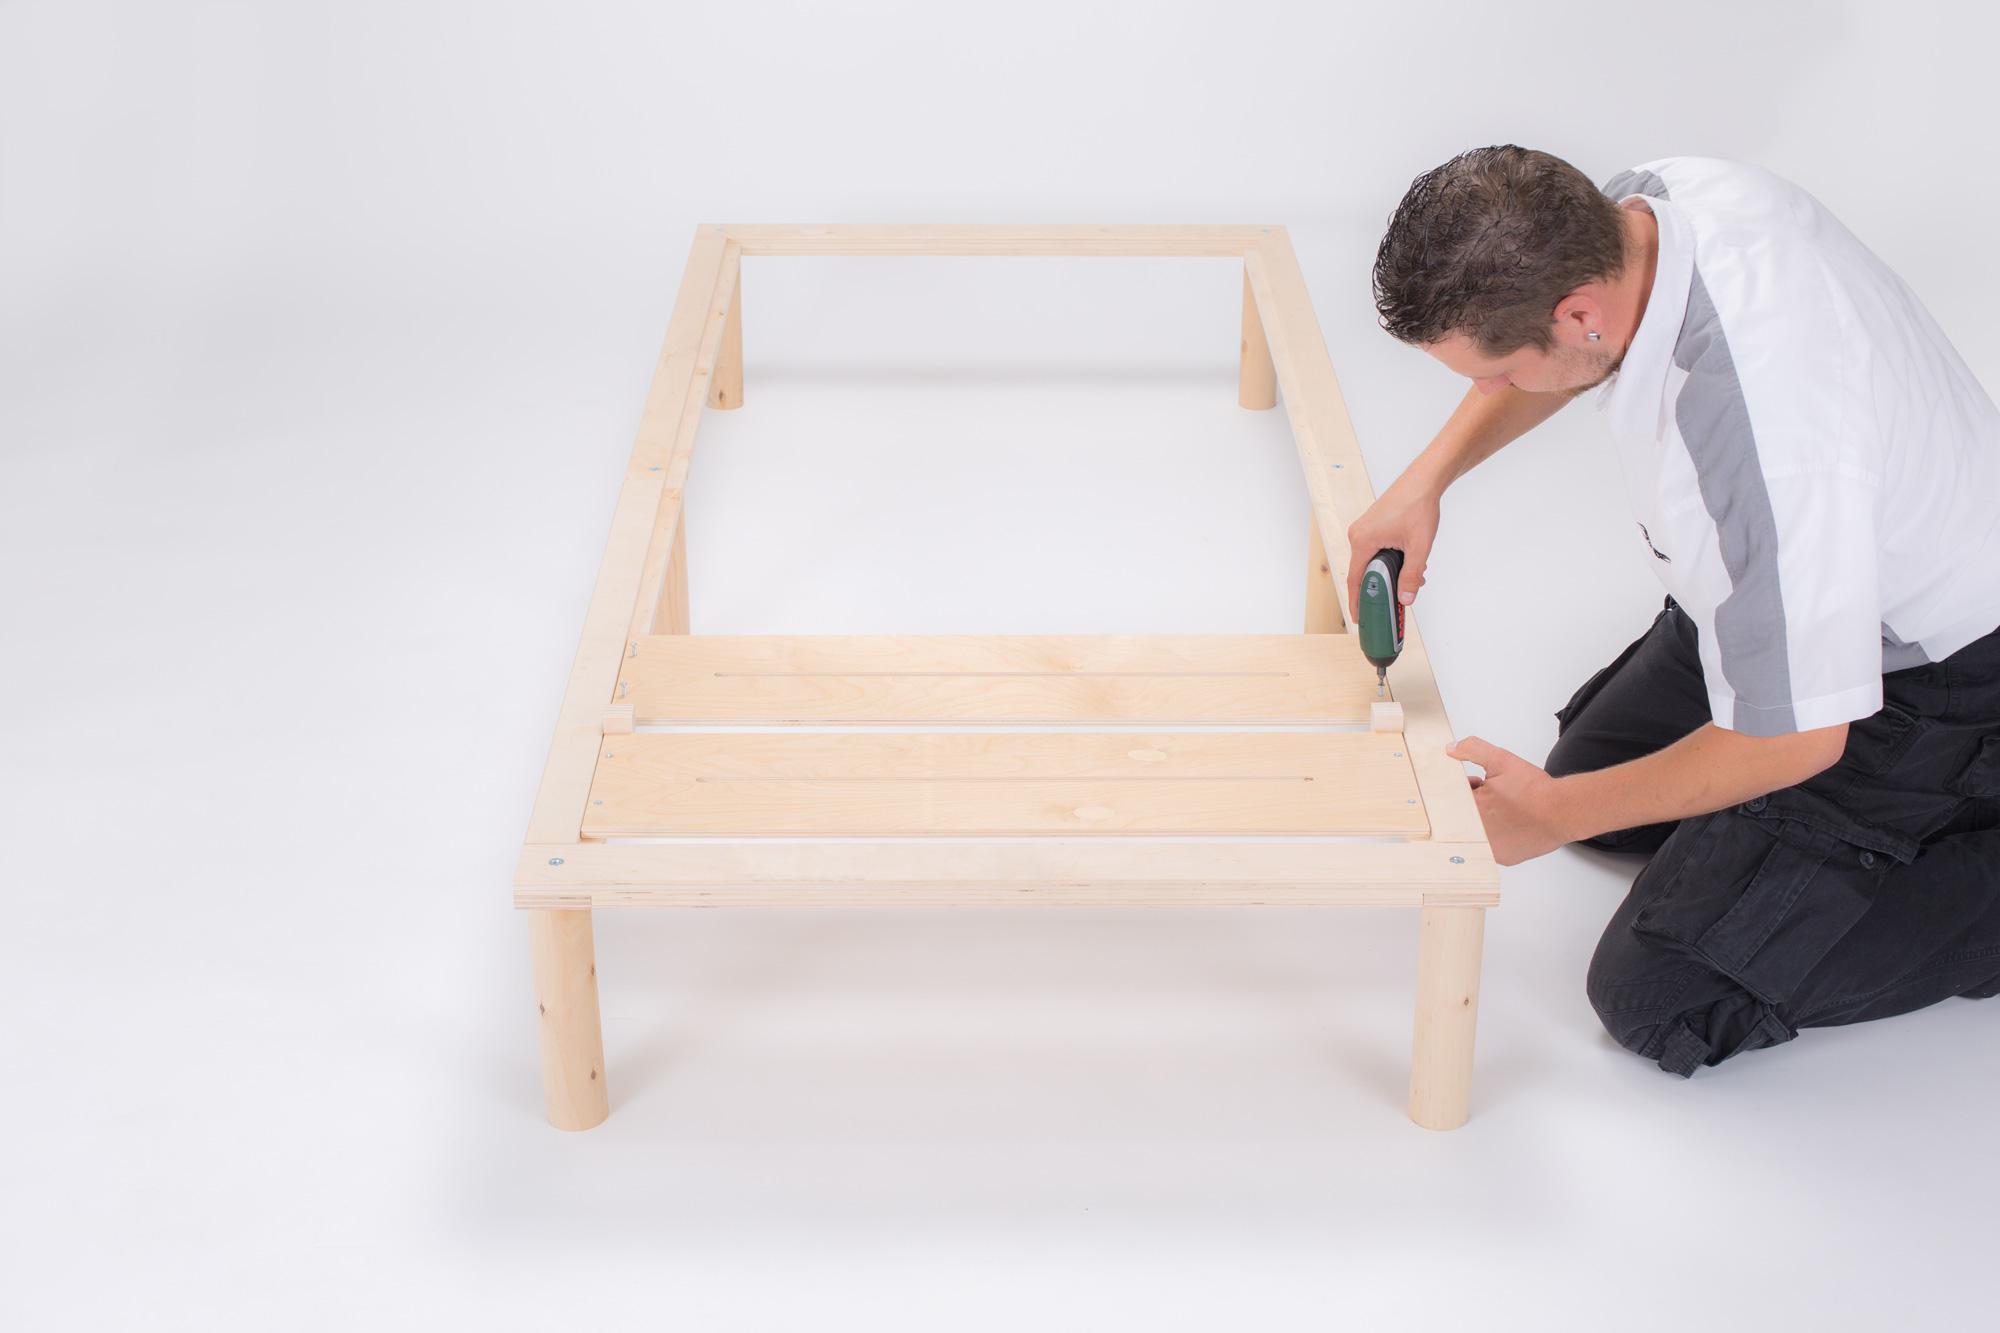 Gigapur G1 26974 Bett | Lattenrost und Bettgestell | Birke Natur Schicht-Holz | Bettrahmen belastbar bis 195Kg | 140 x 200 cm (2 x 70 x 200 cm)